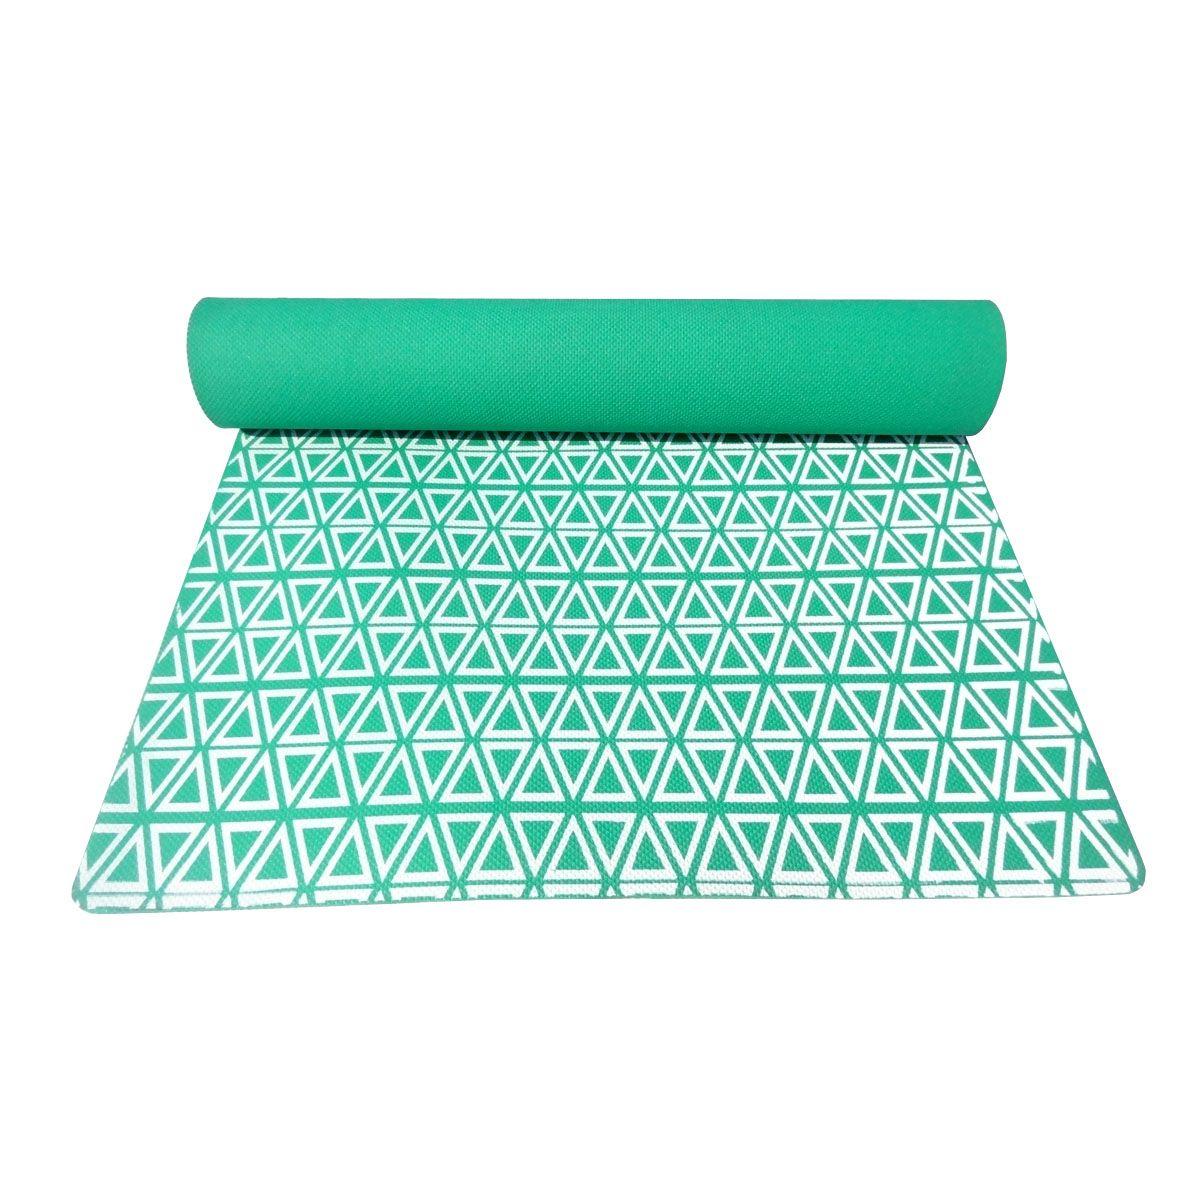 44+ Printed yoga mat india trends